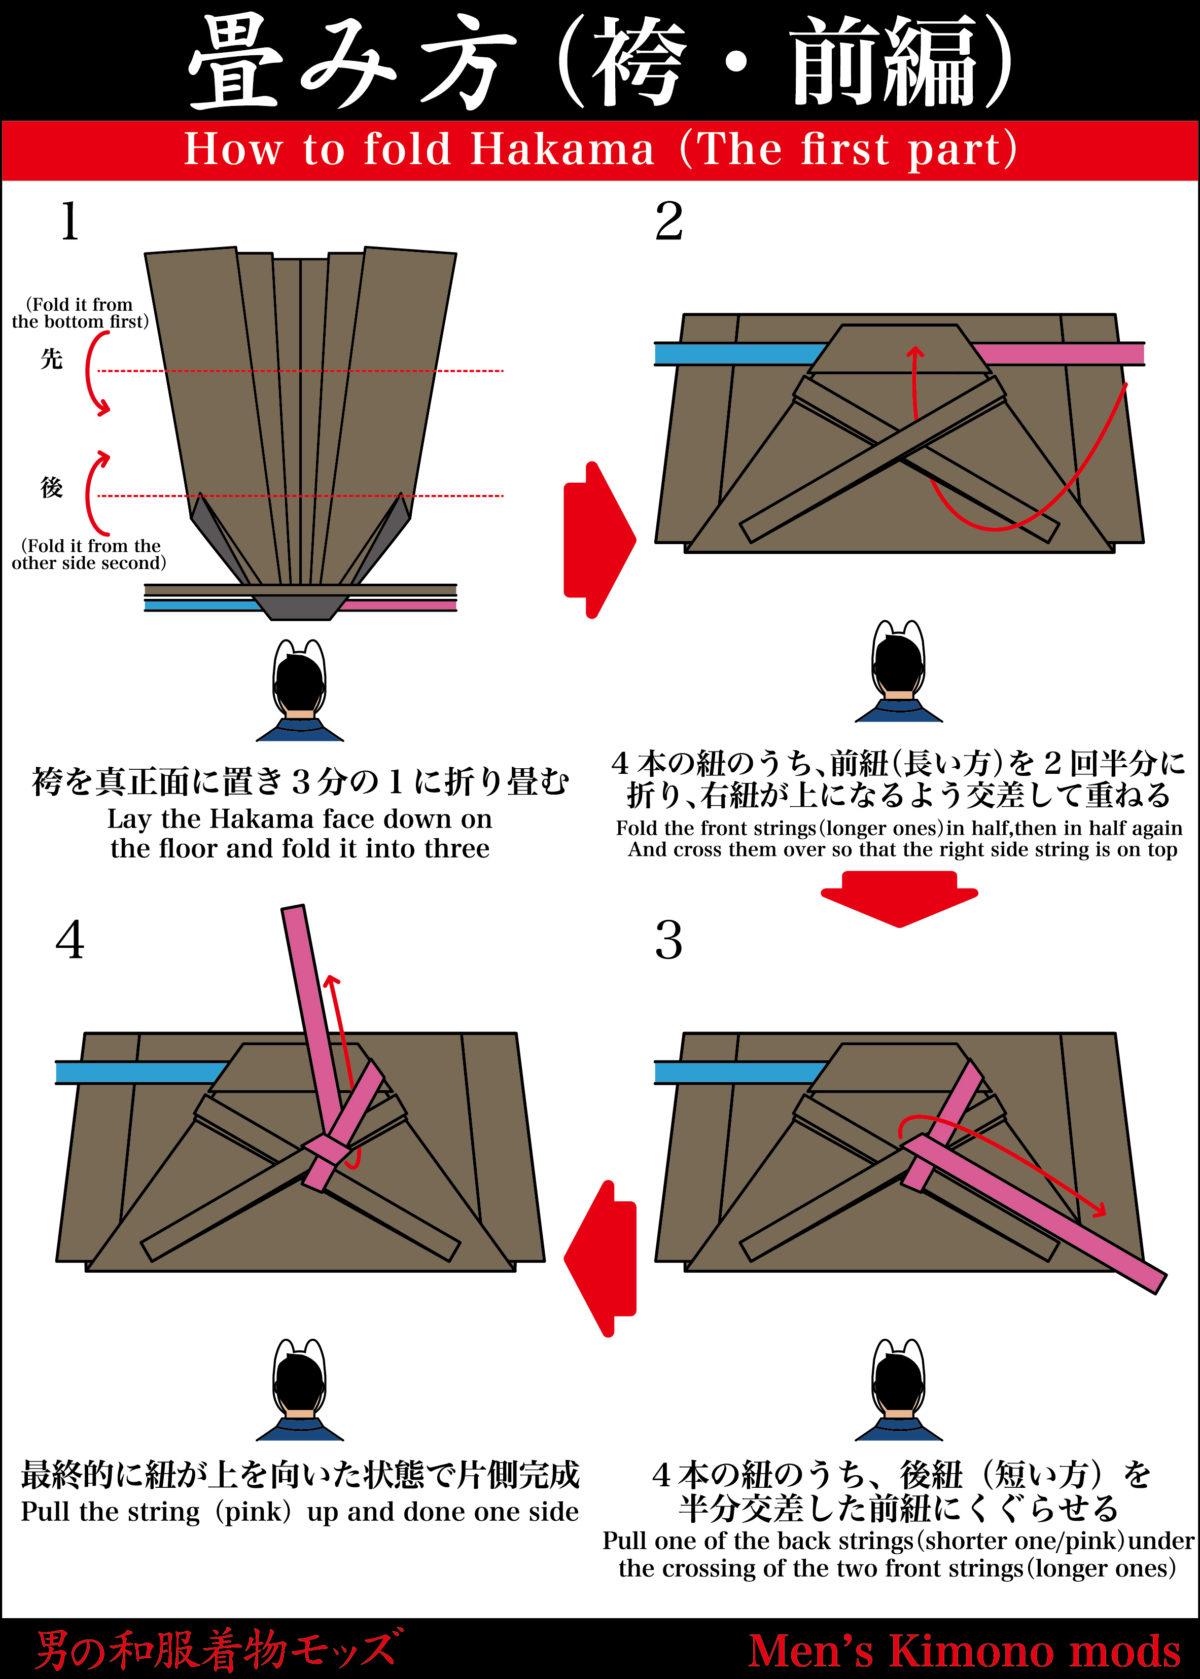 男の和服着物,メンズ着物,畳み方,袴,前半,和装,種類,狐面,日本,裏着物